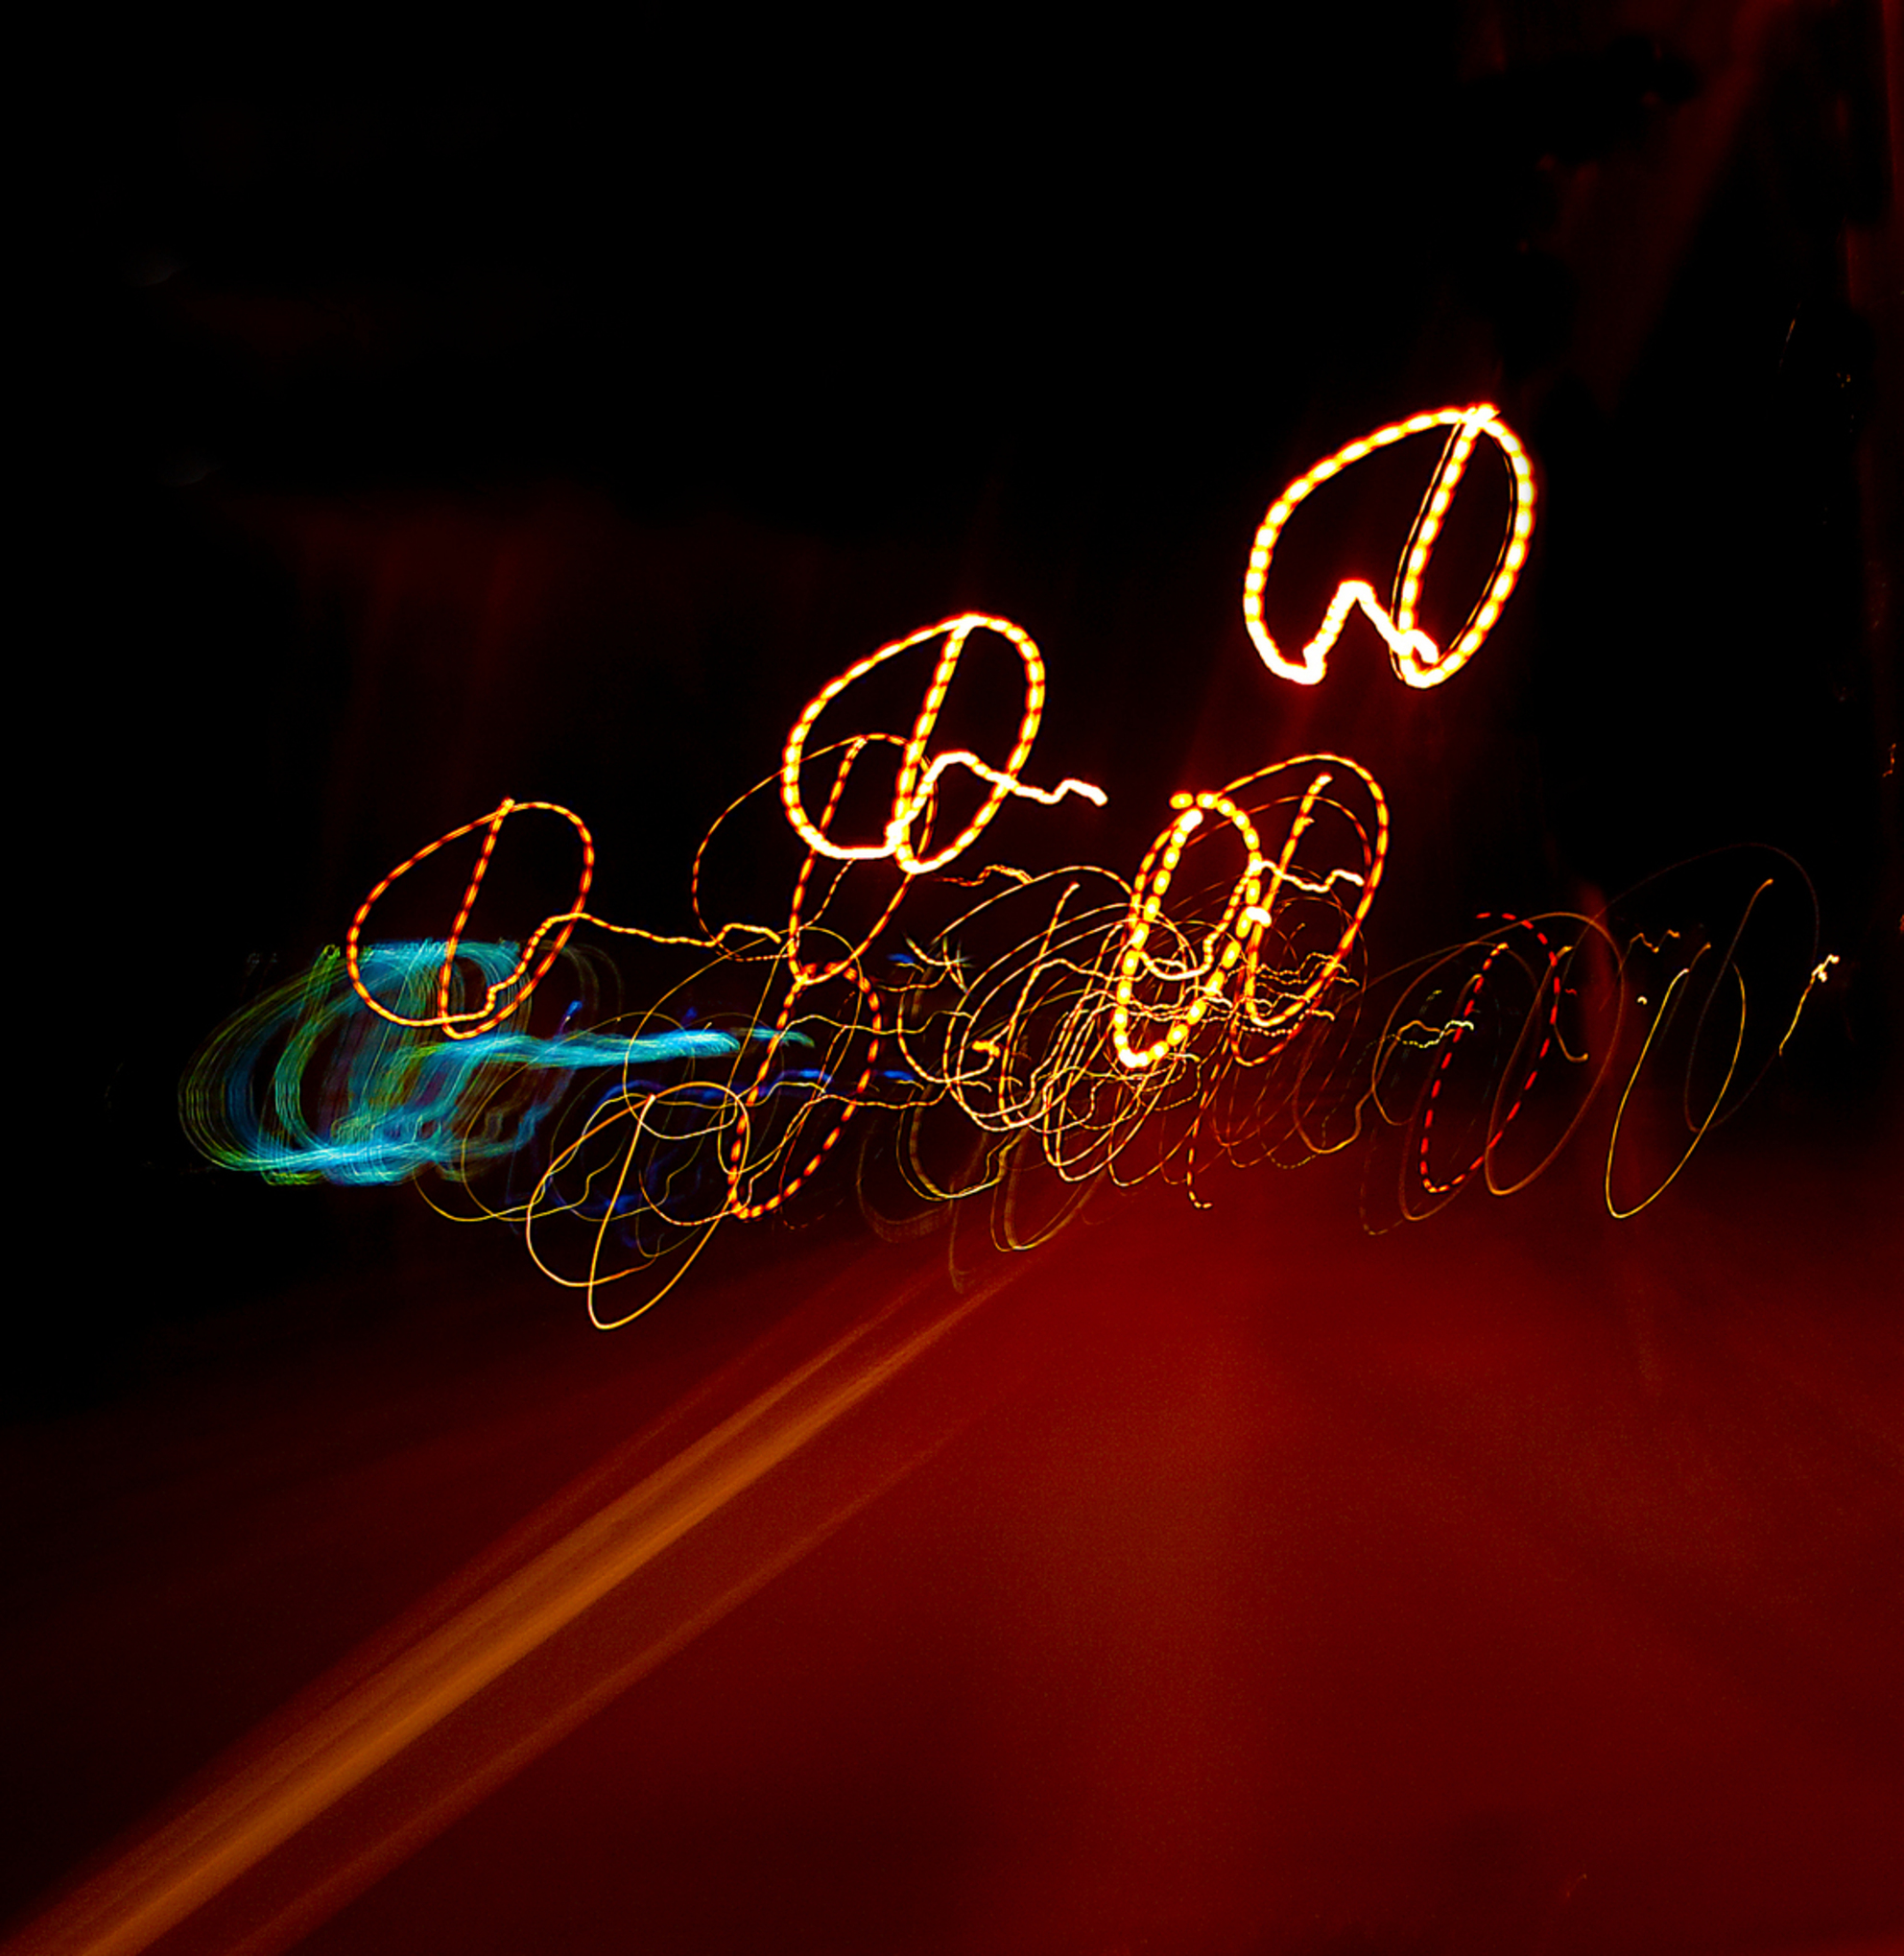 onderweg - licht effecten - foto door markhdevos op 28-10-2011 - deze foto bevat: nacht fotografie